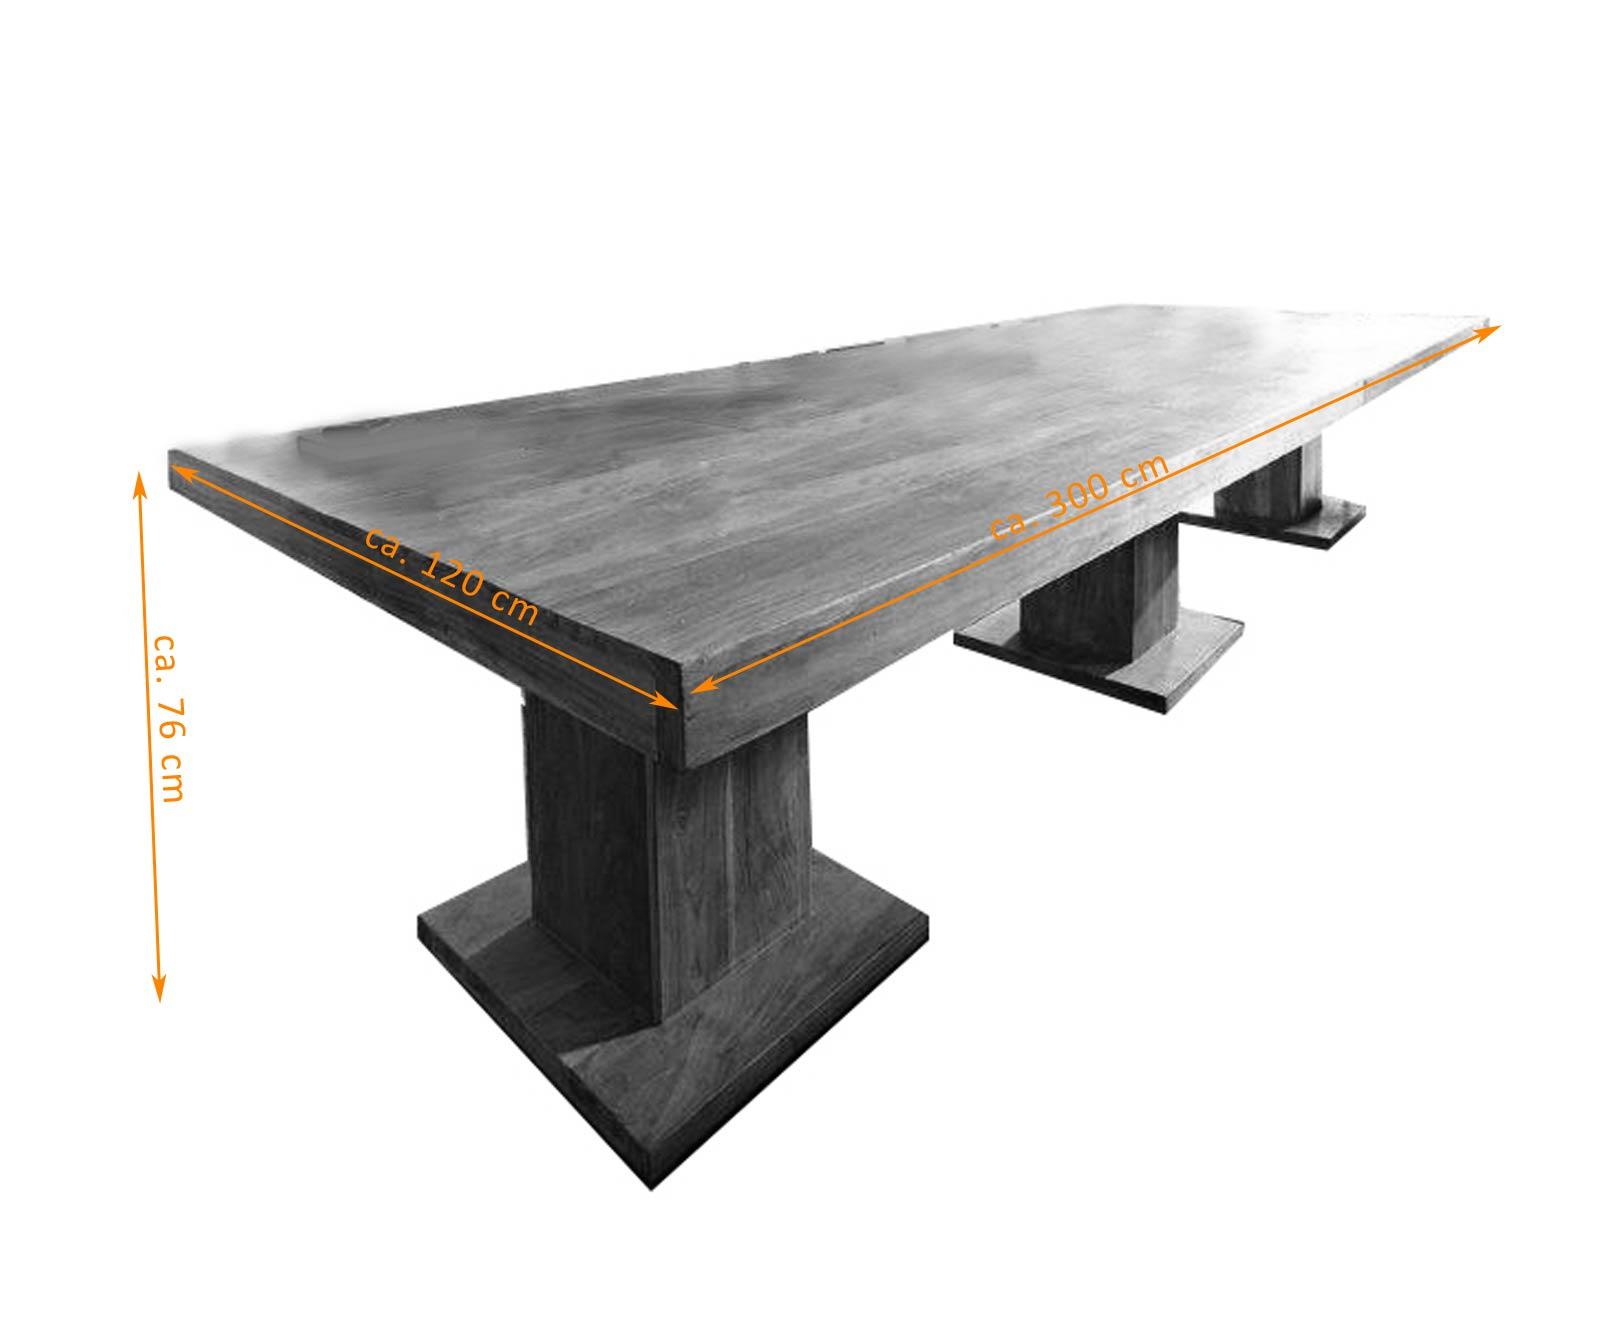 sam esstisch timber 6697 akazie massiv tabak 300 x 76 x 120 cm auf lager. Black Bedroom Furniture Sets. Home Design Ideas